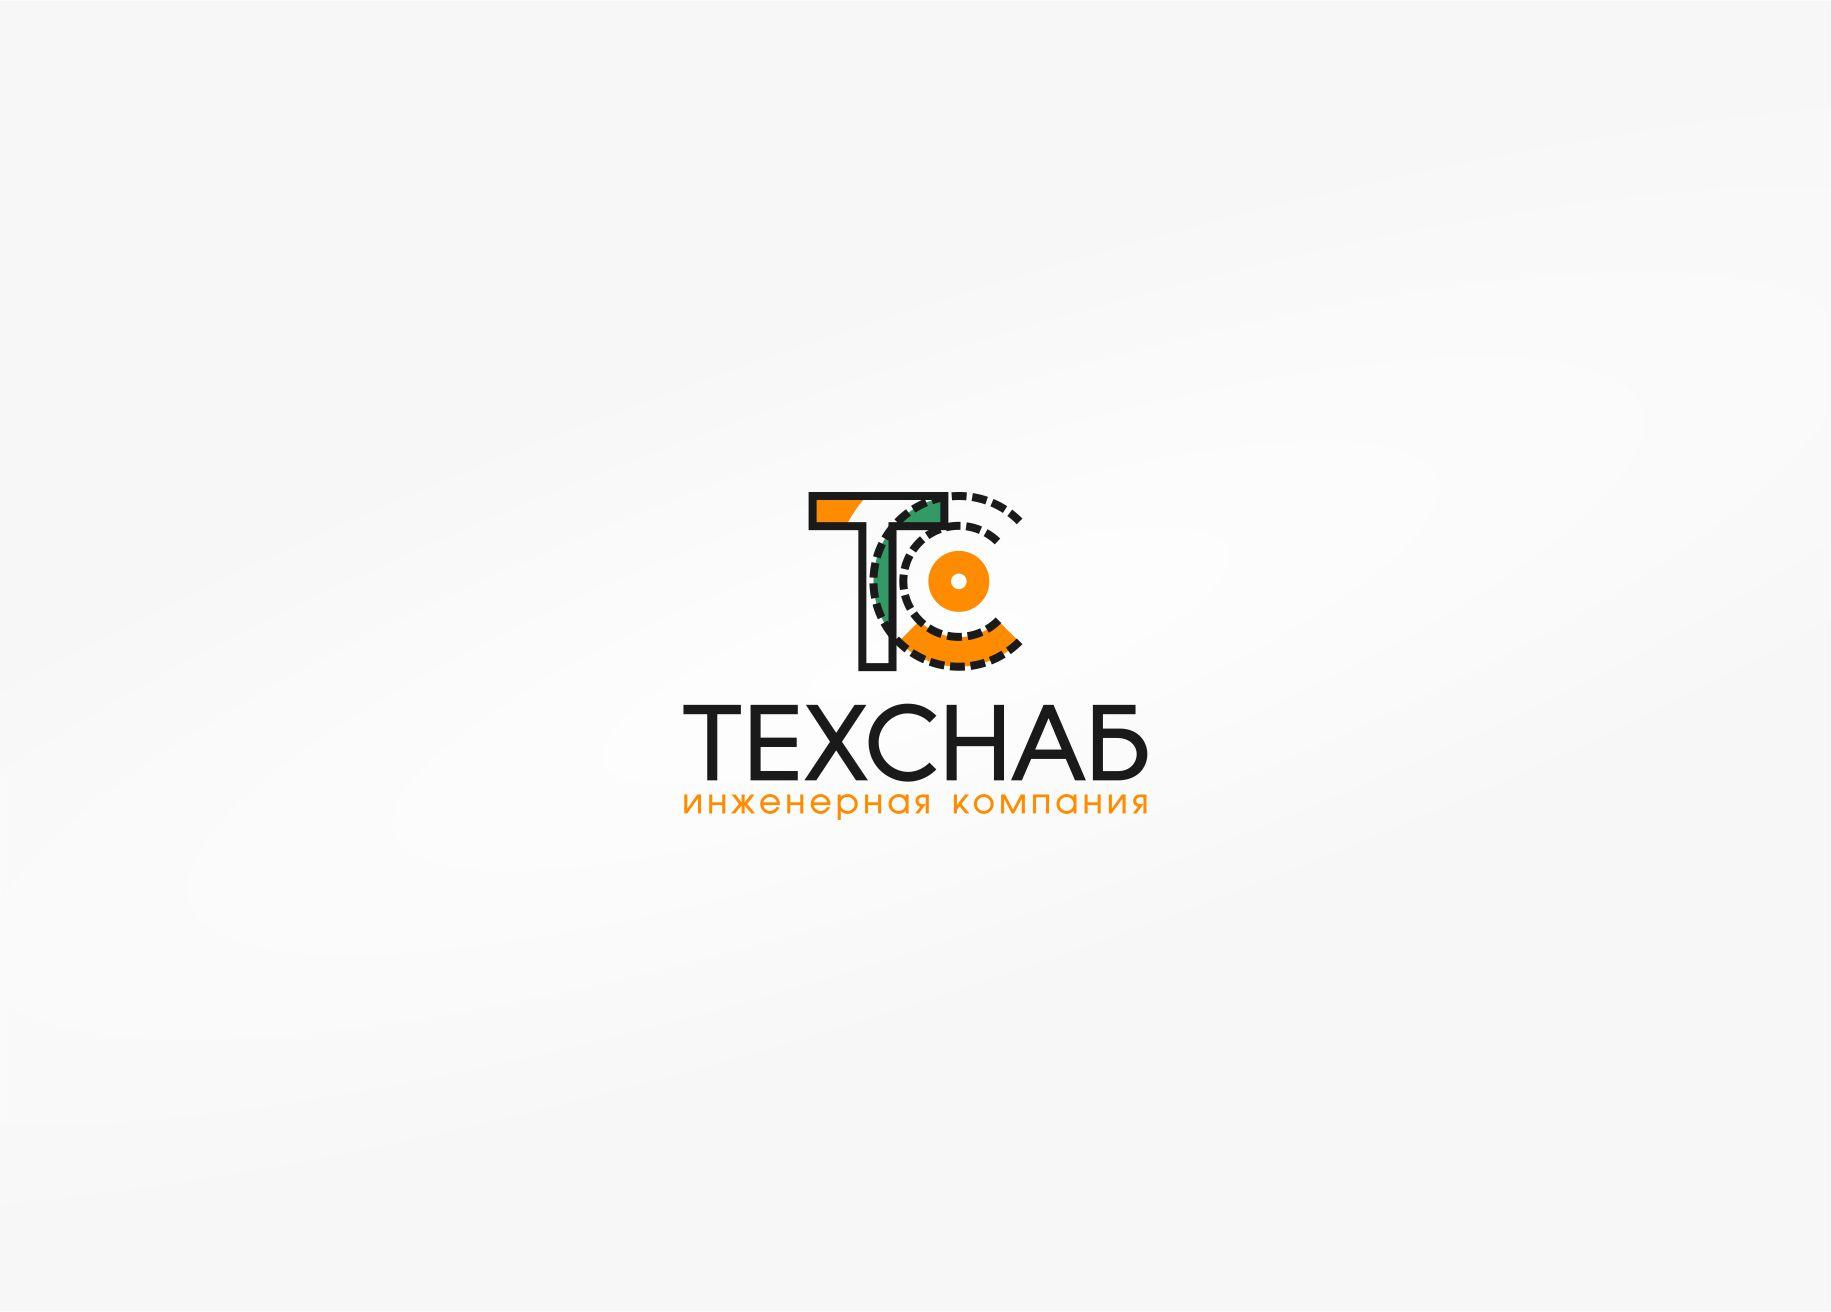 Разработка логотипа и фирм. стиля компании  ТЕХСНАБ фото f_7525b1eb3bfc841b.jpg